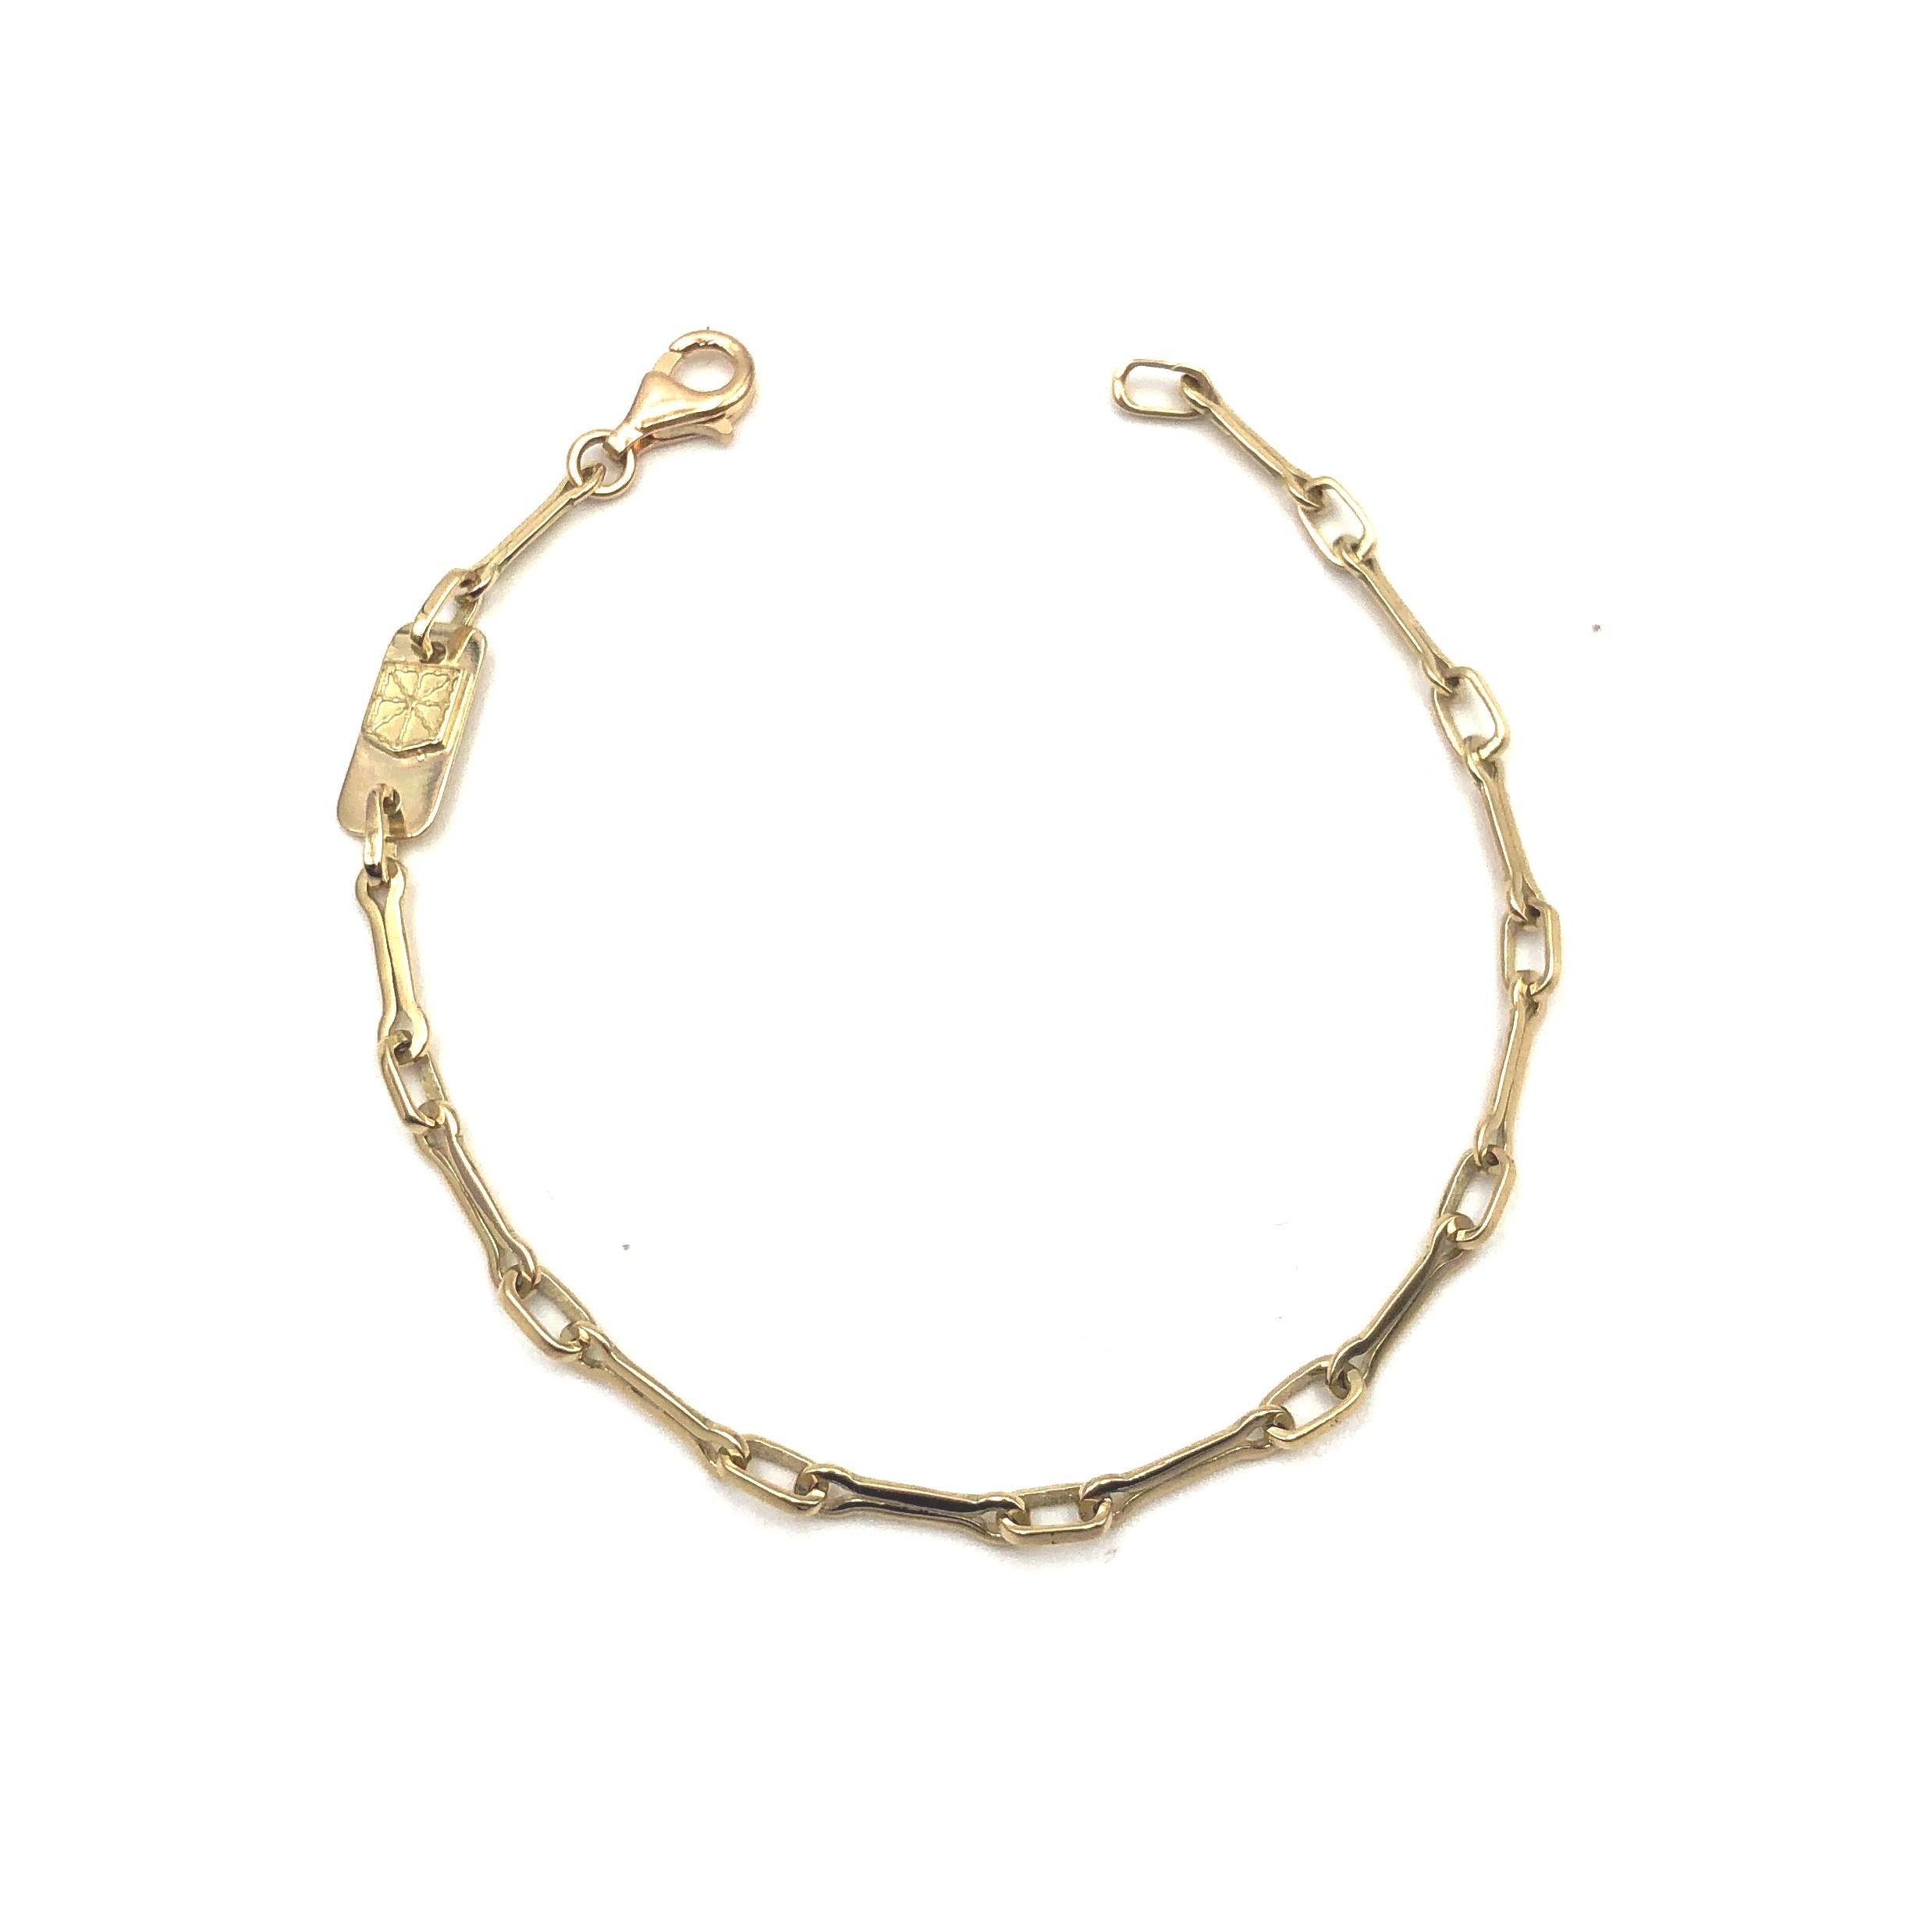 a465ba7605c7 pulsera de oro cadenas de navarra con chapa escudo navarra joyerías juan  luis larráyoz pamplona